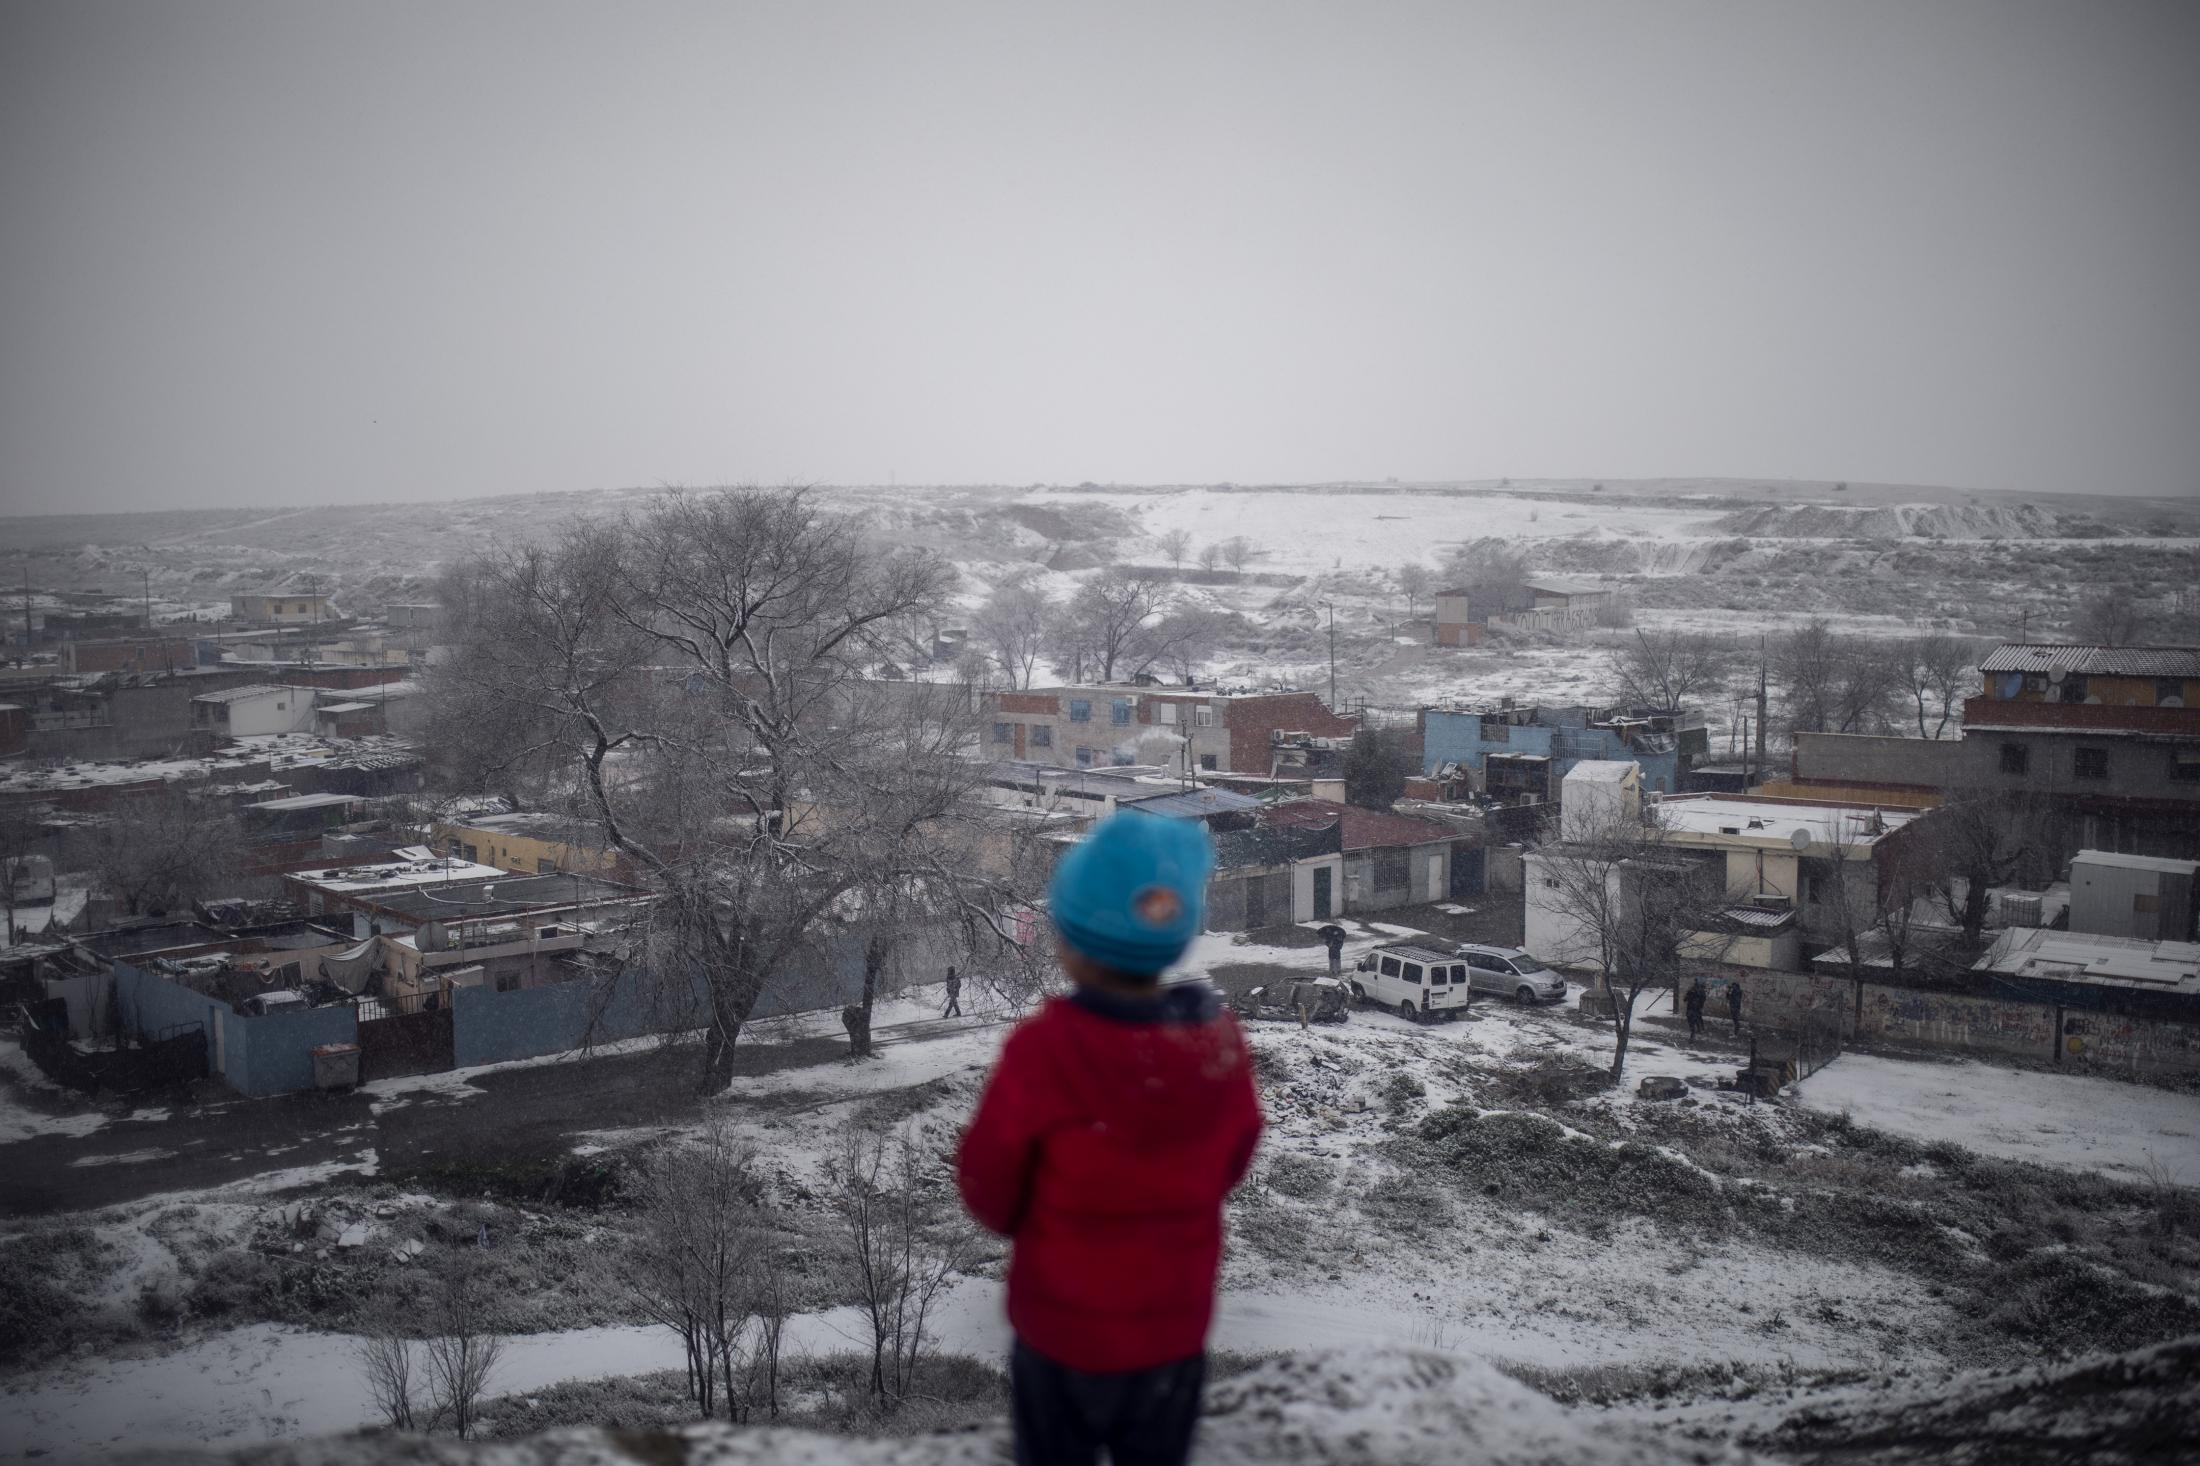 Un niño observa desde lo alto de una ladera el Sector VI de la Cañada Real durante la nevada